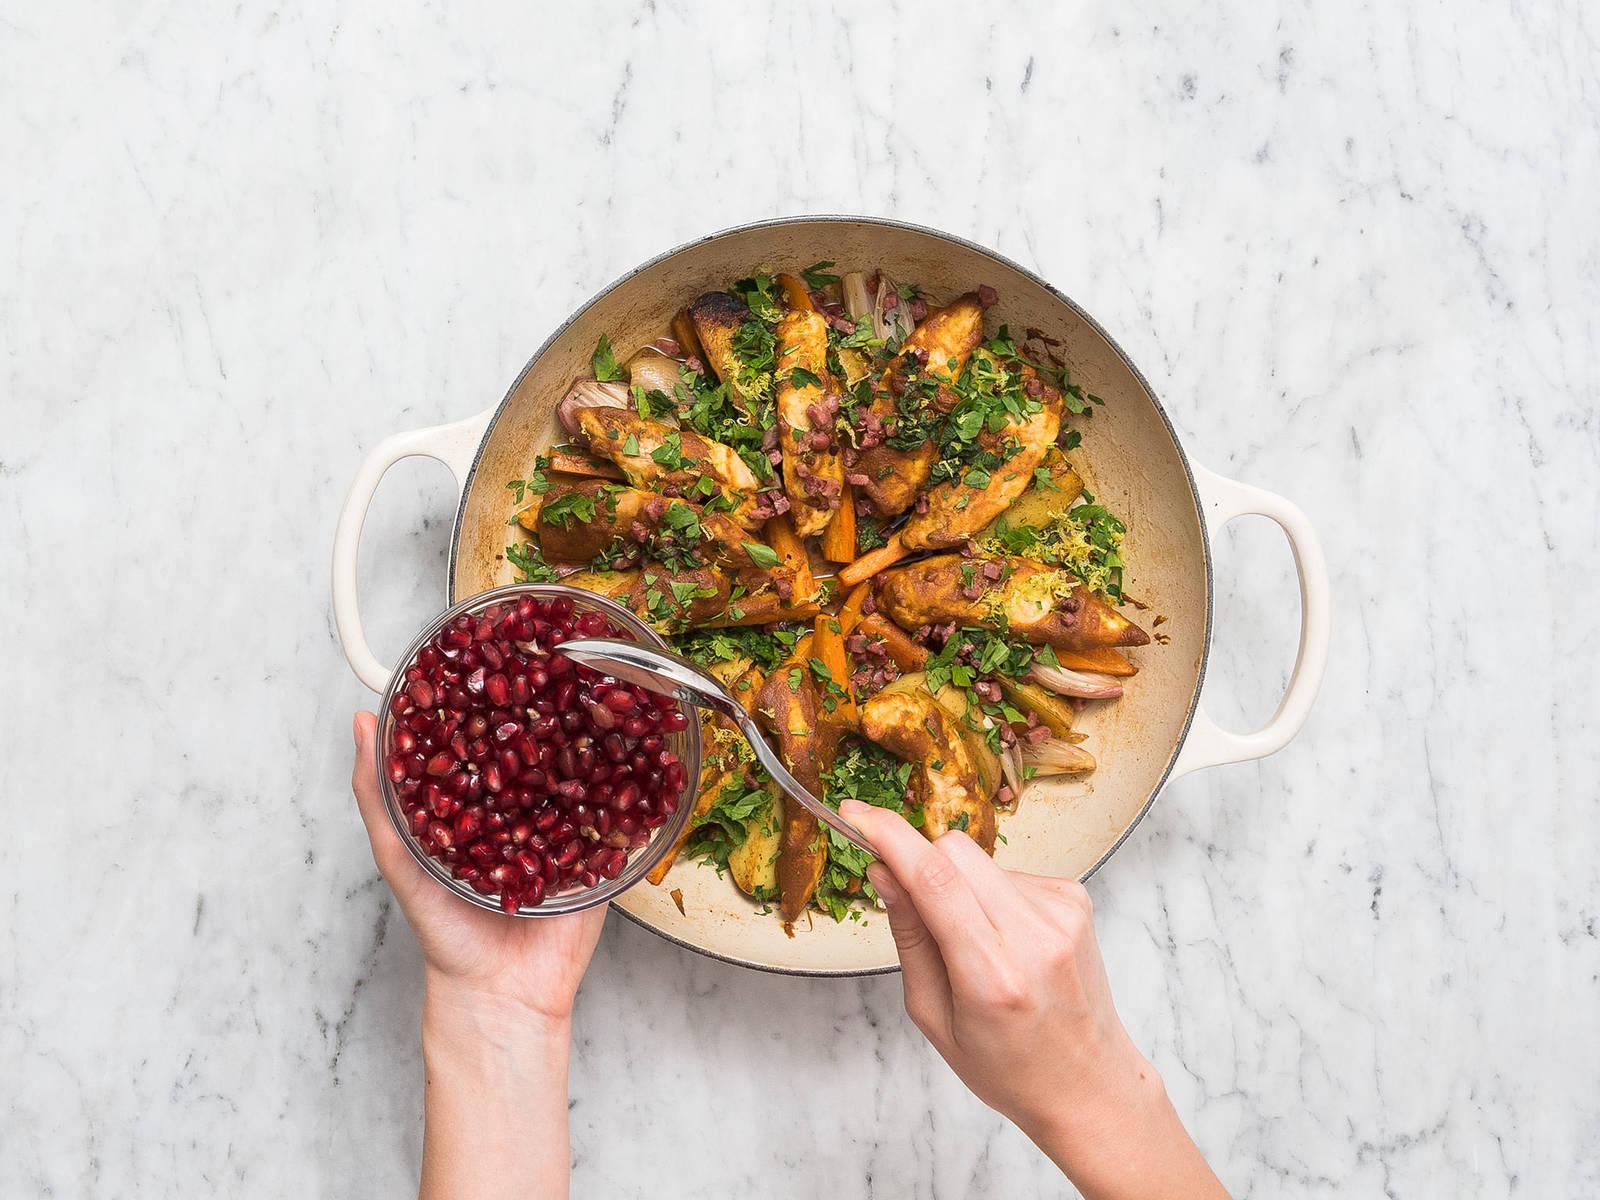 将腌好的鸡肉放到锅里的蔬菜旁边。倒入鸡肉高汤,然后连锅一起放入烤箱中,以200℃烤15分钟。佐以煎好的培根丁、薄荷、欧芹、柠檬皮碎和石榴籽,尽情享用吧!